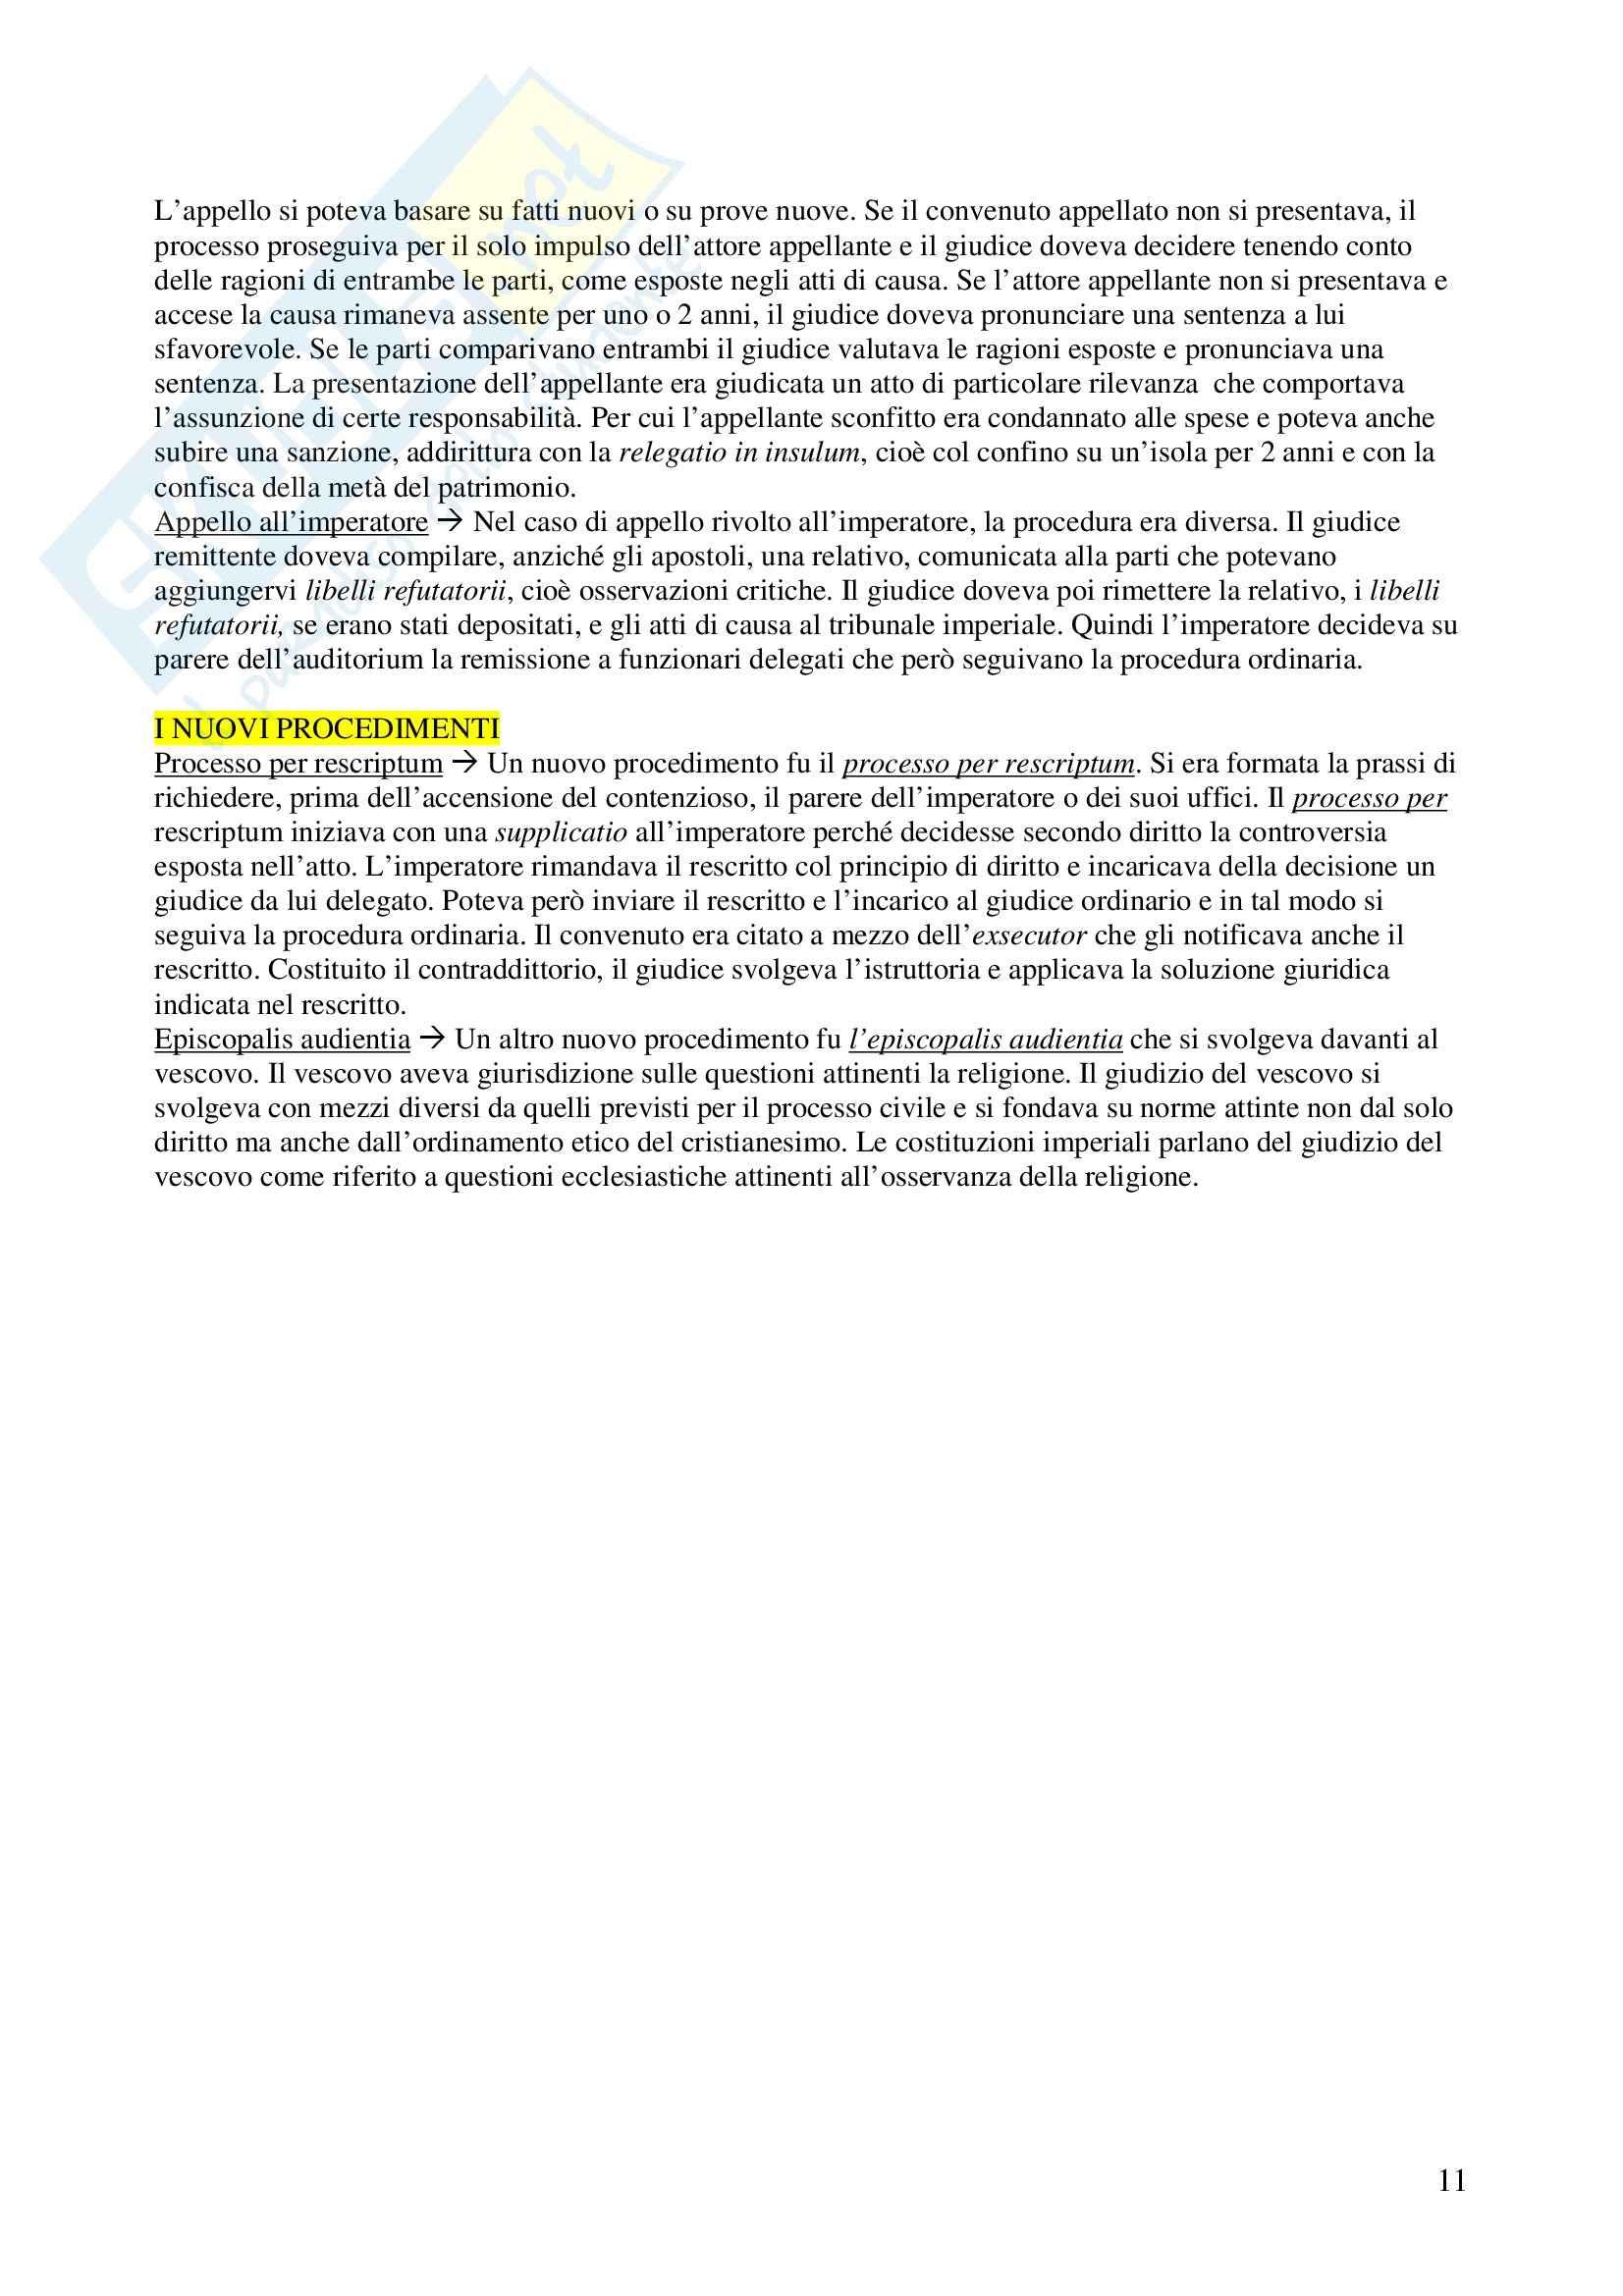 Storia del diritto privato romano - Appunti Pag. 11